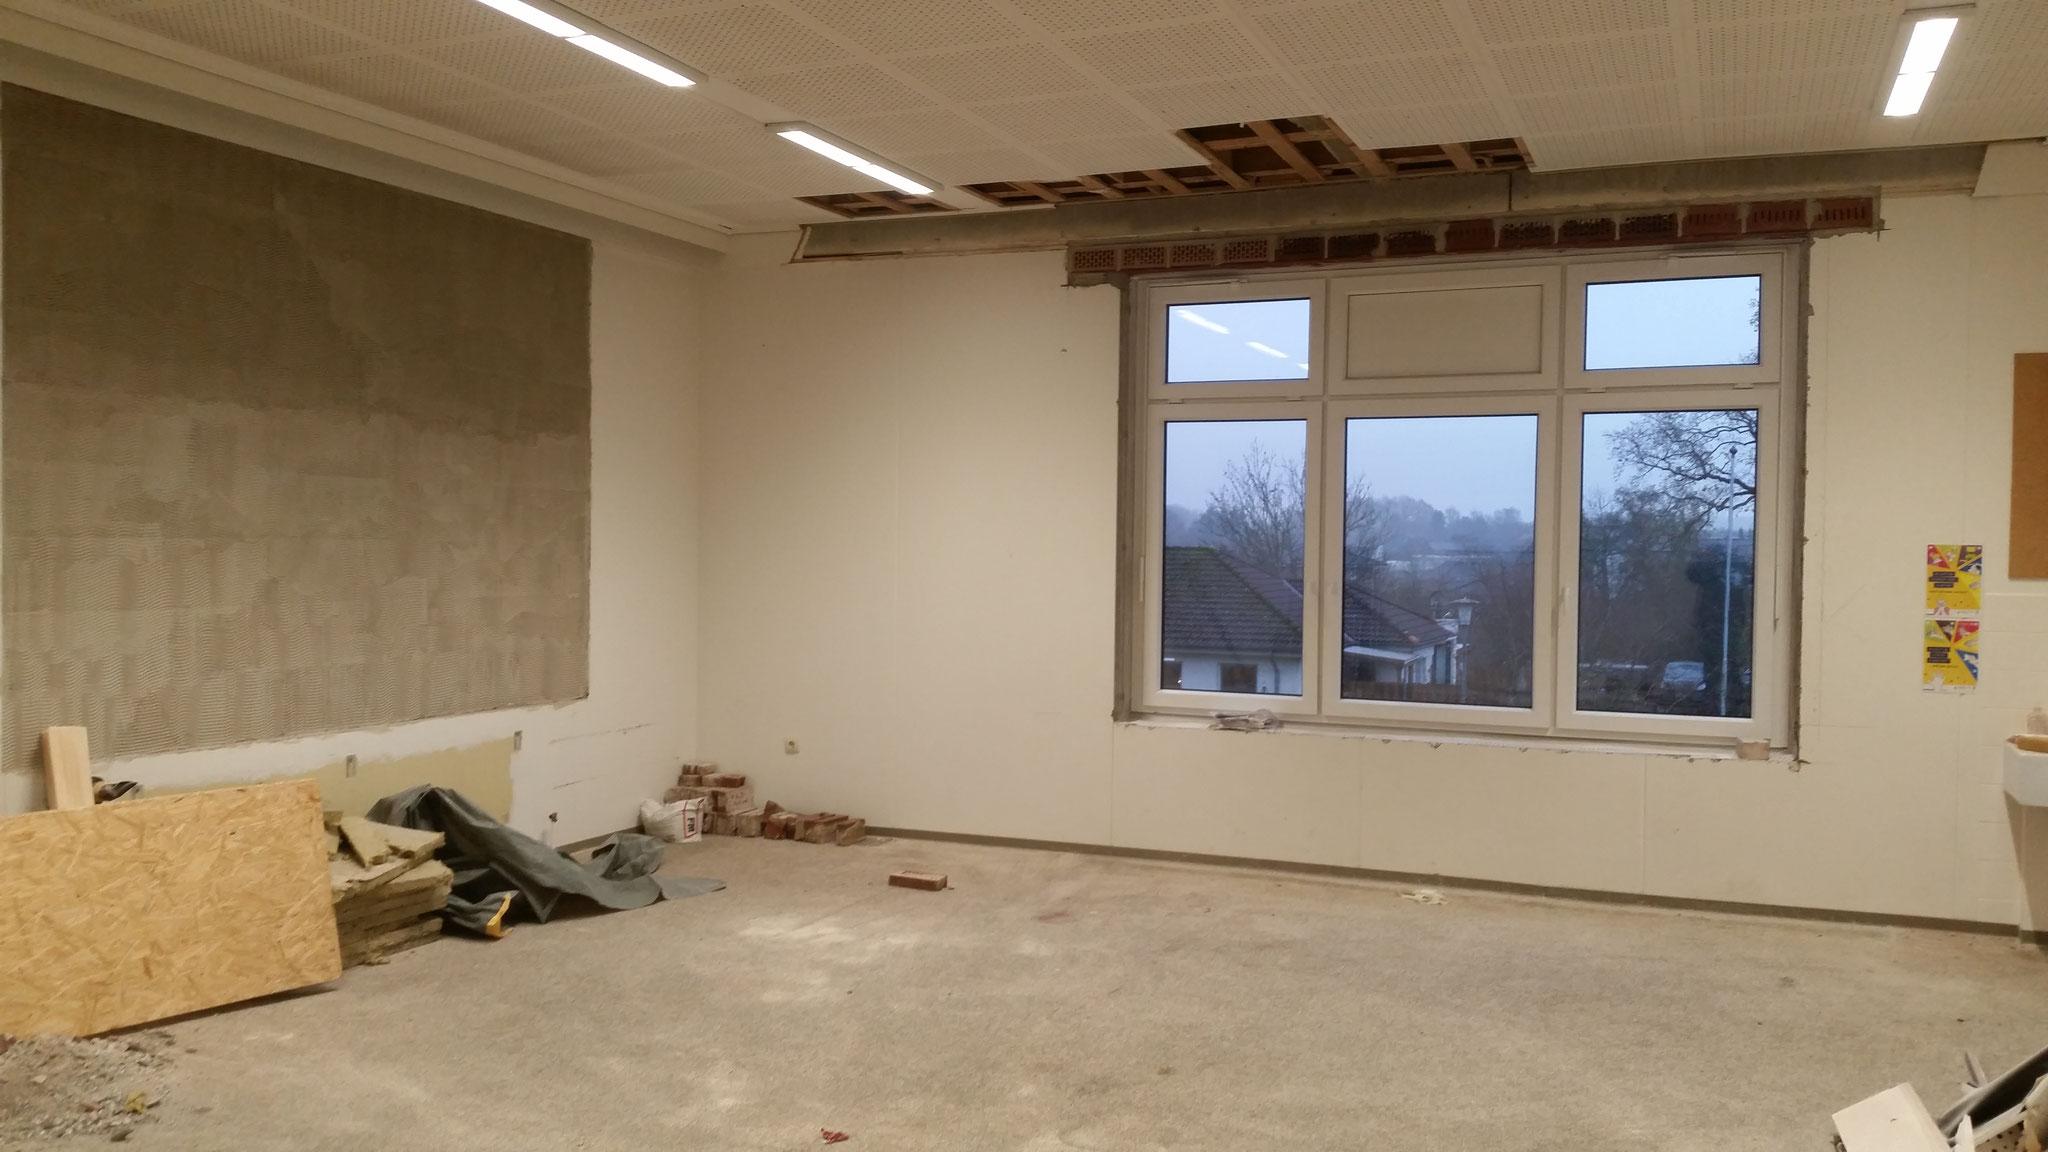 Der alte Raum mit neuem Fenster